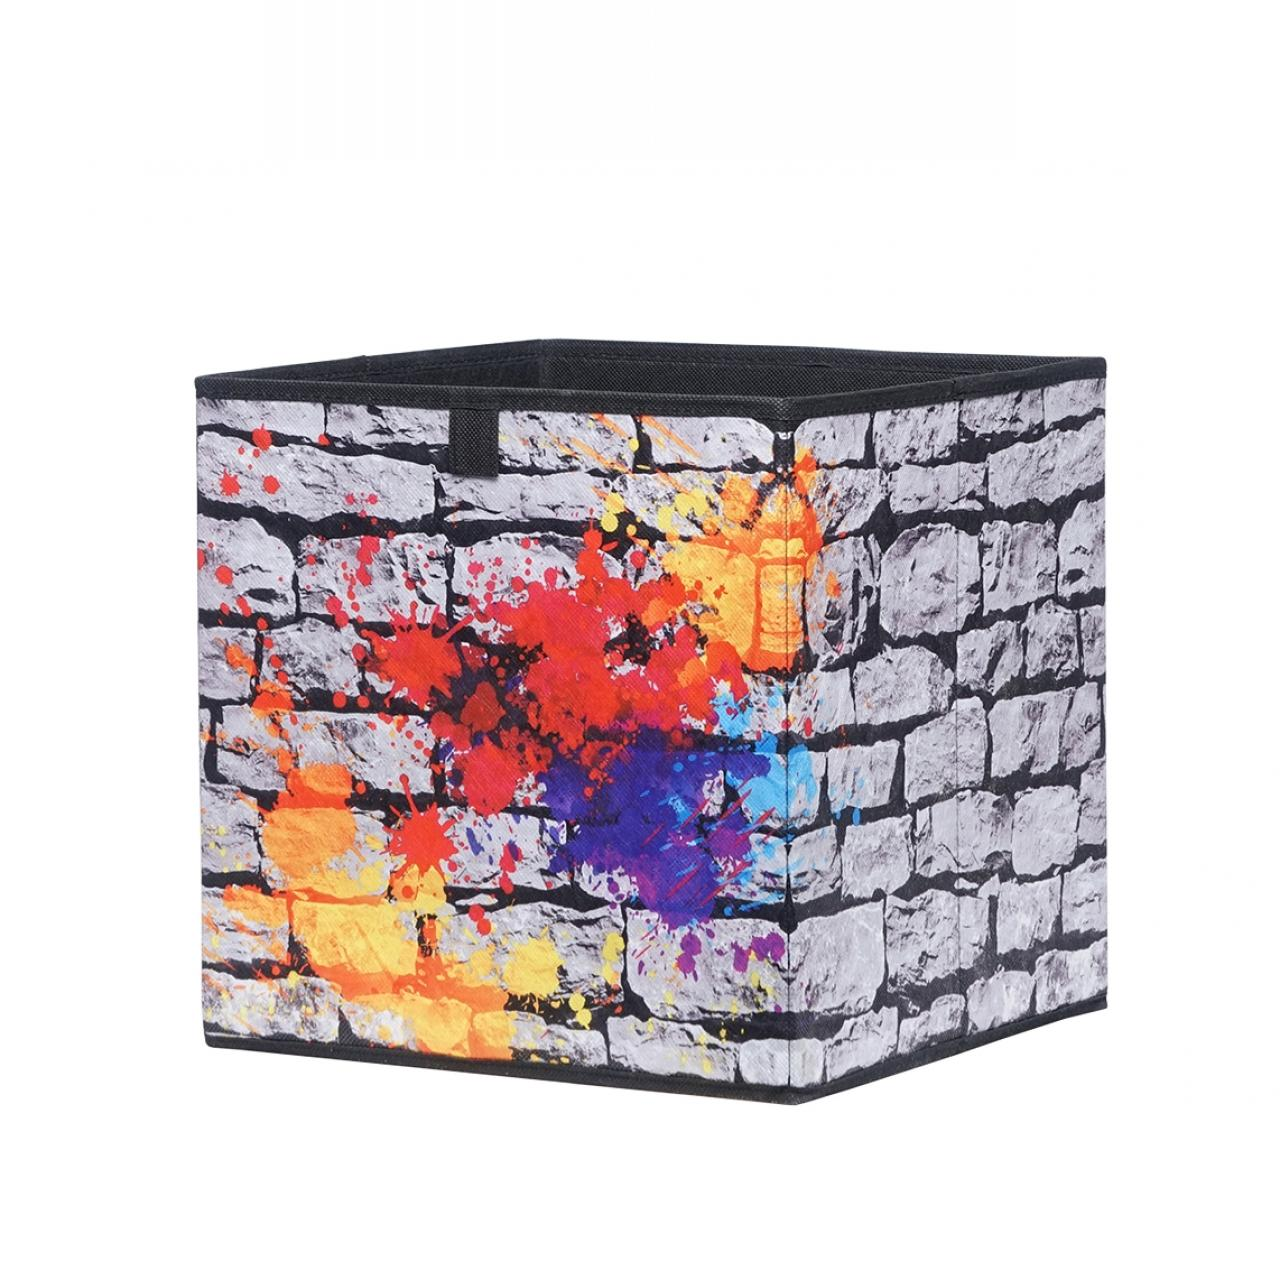 Faltbox Graffiti Alfa 1 Beimöbel Wohnen Möbel Jähnichen Center